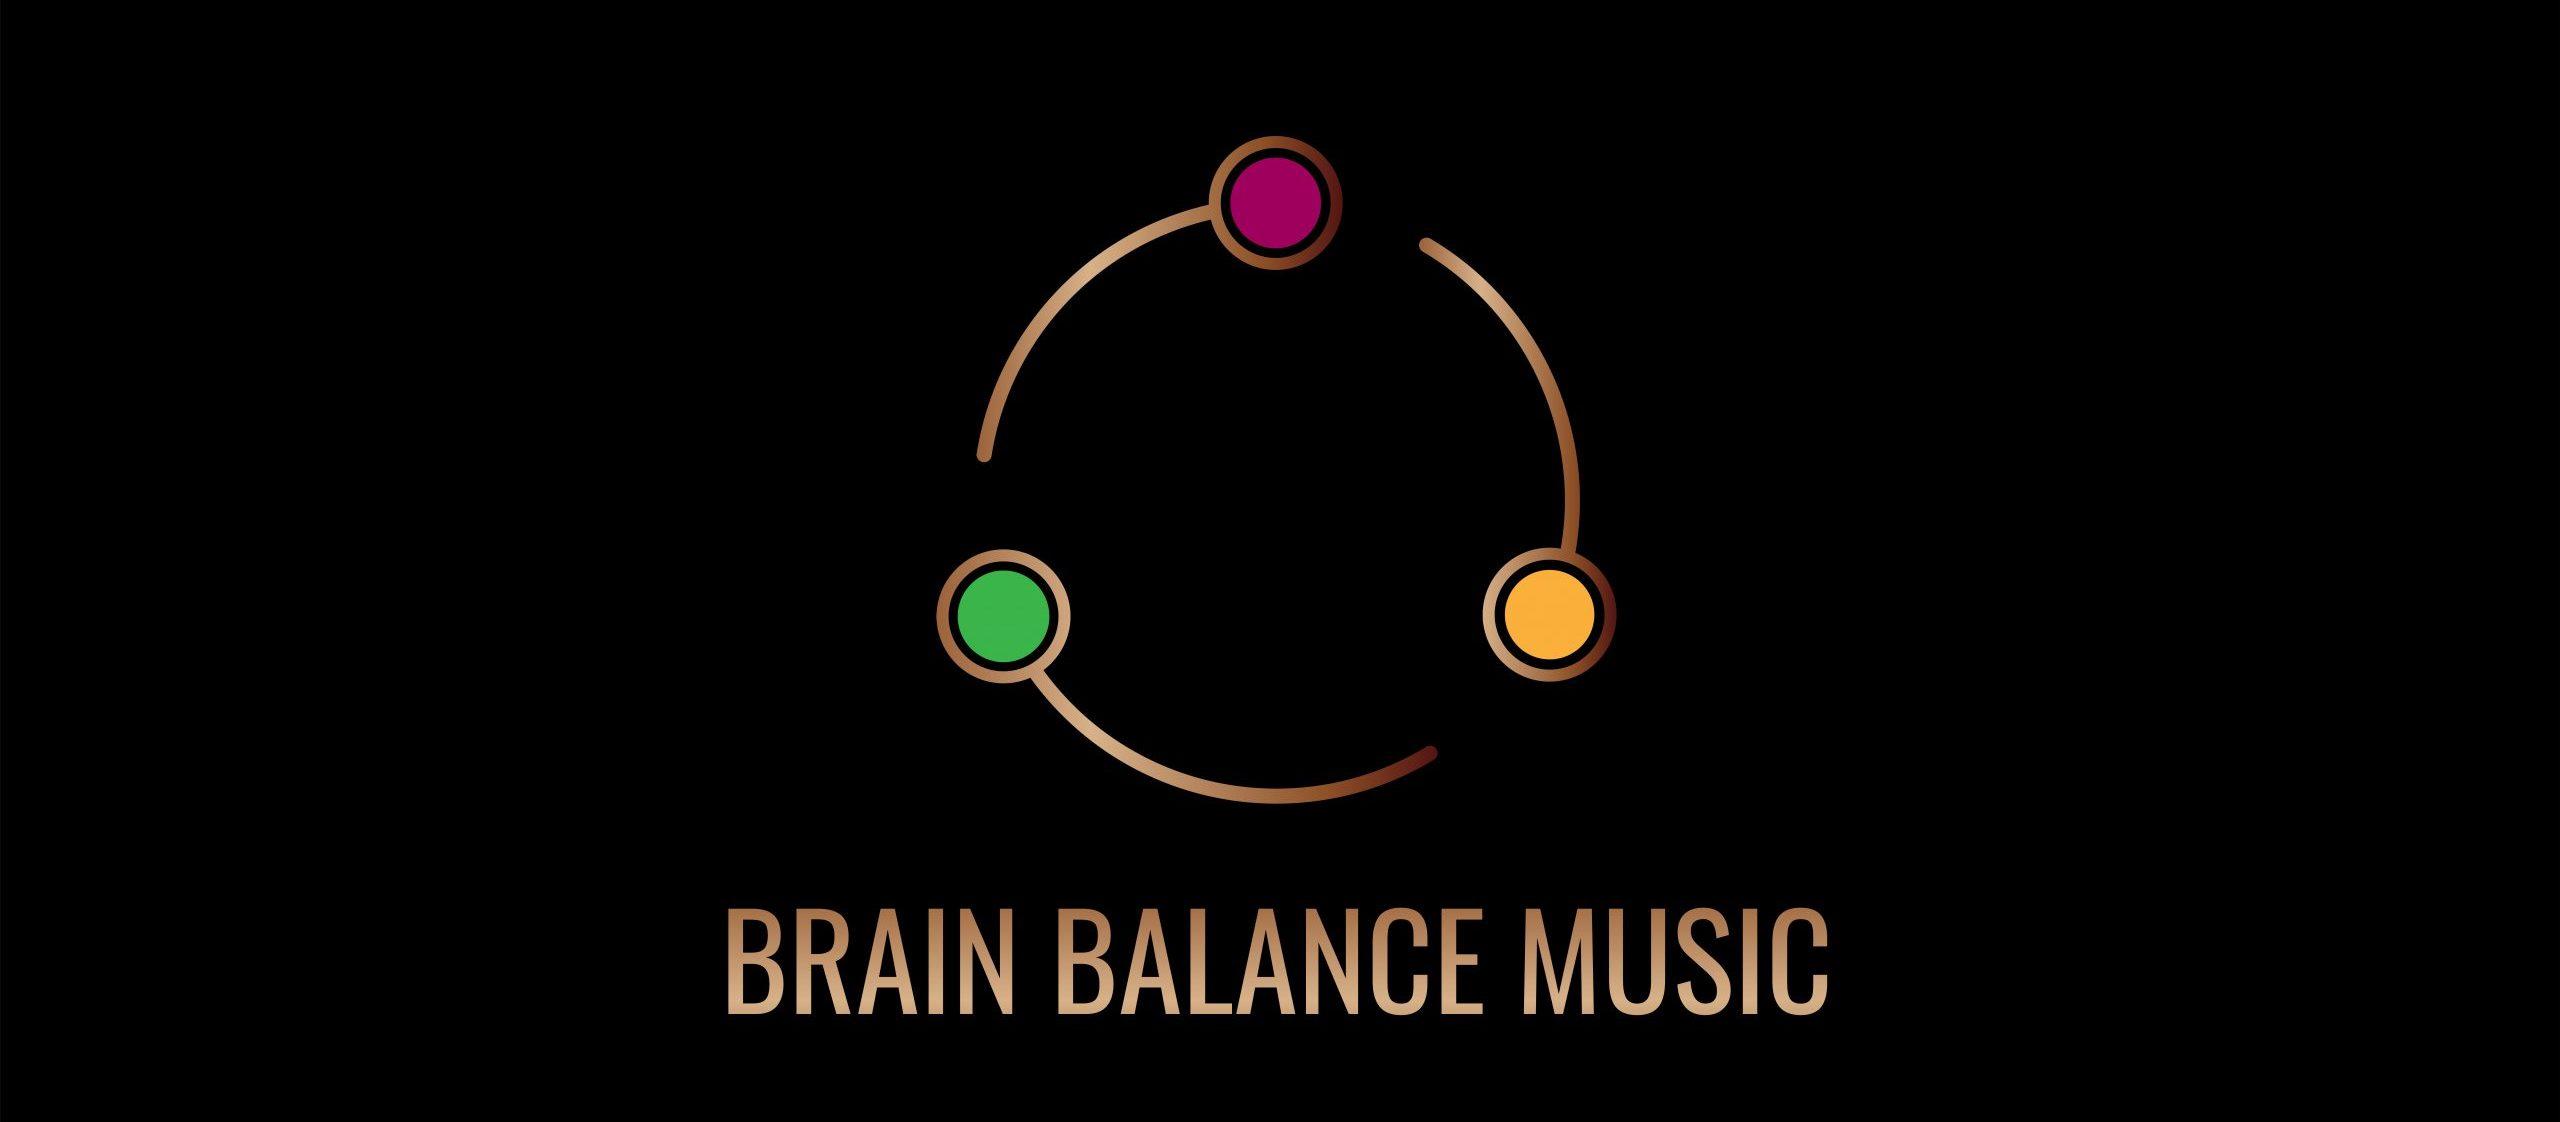 Brain Balance Music